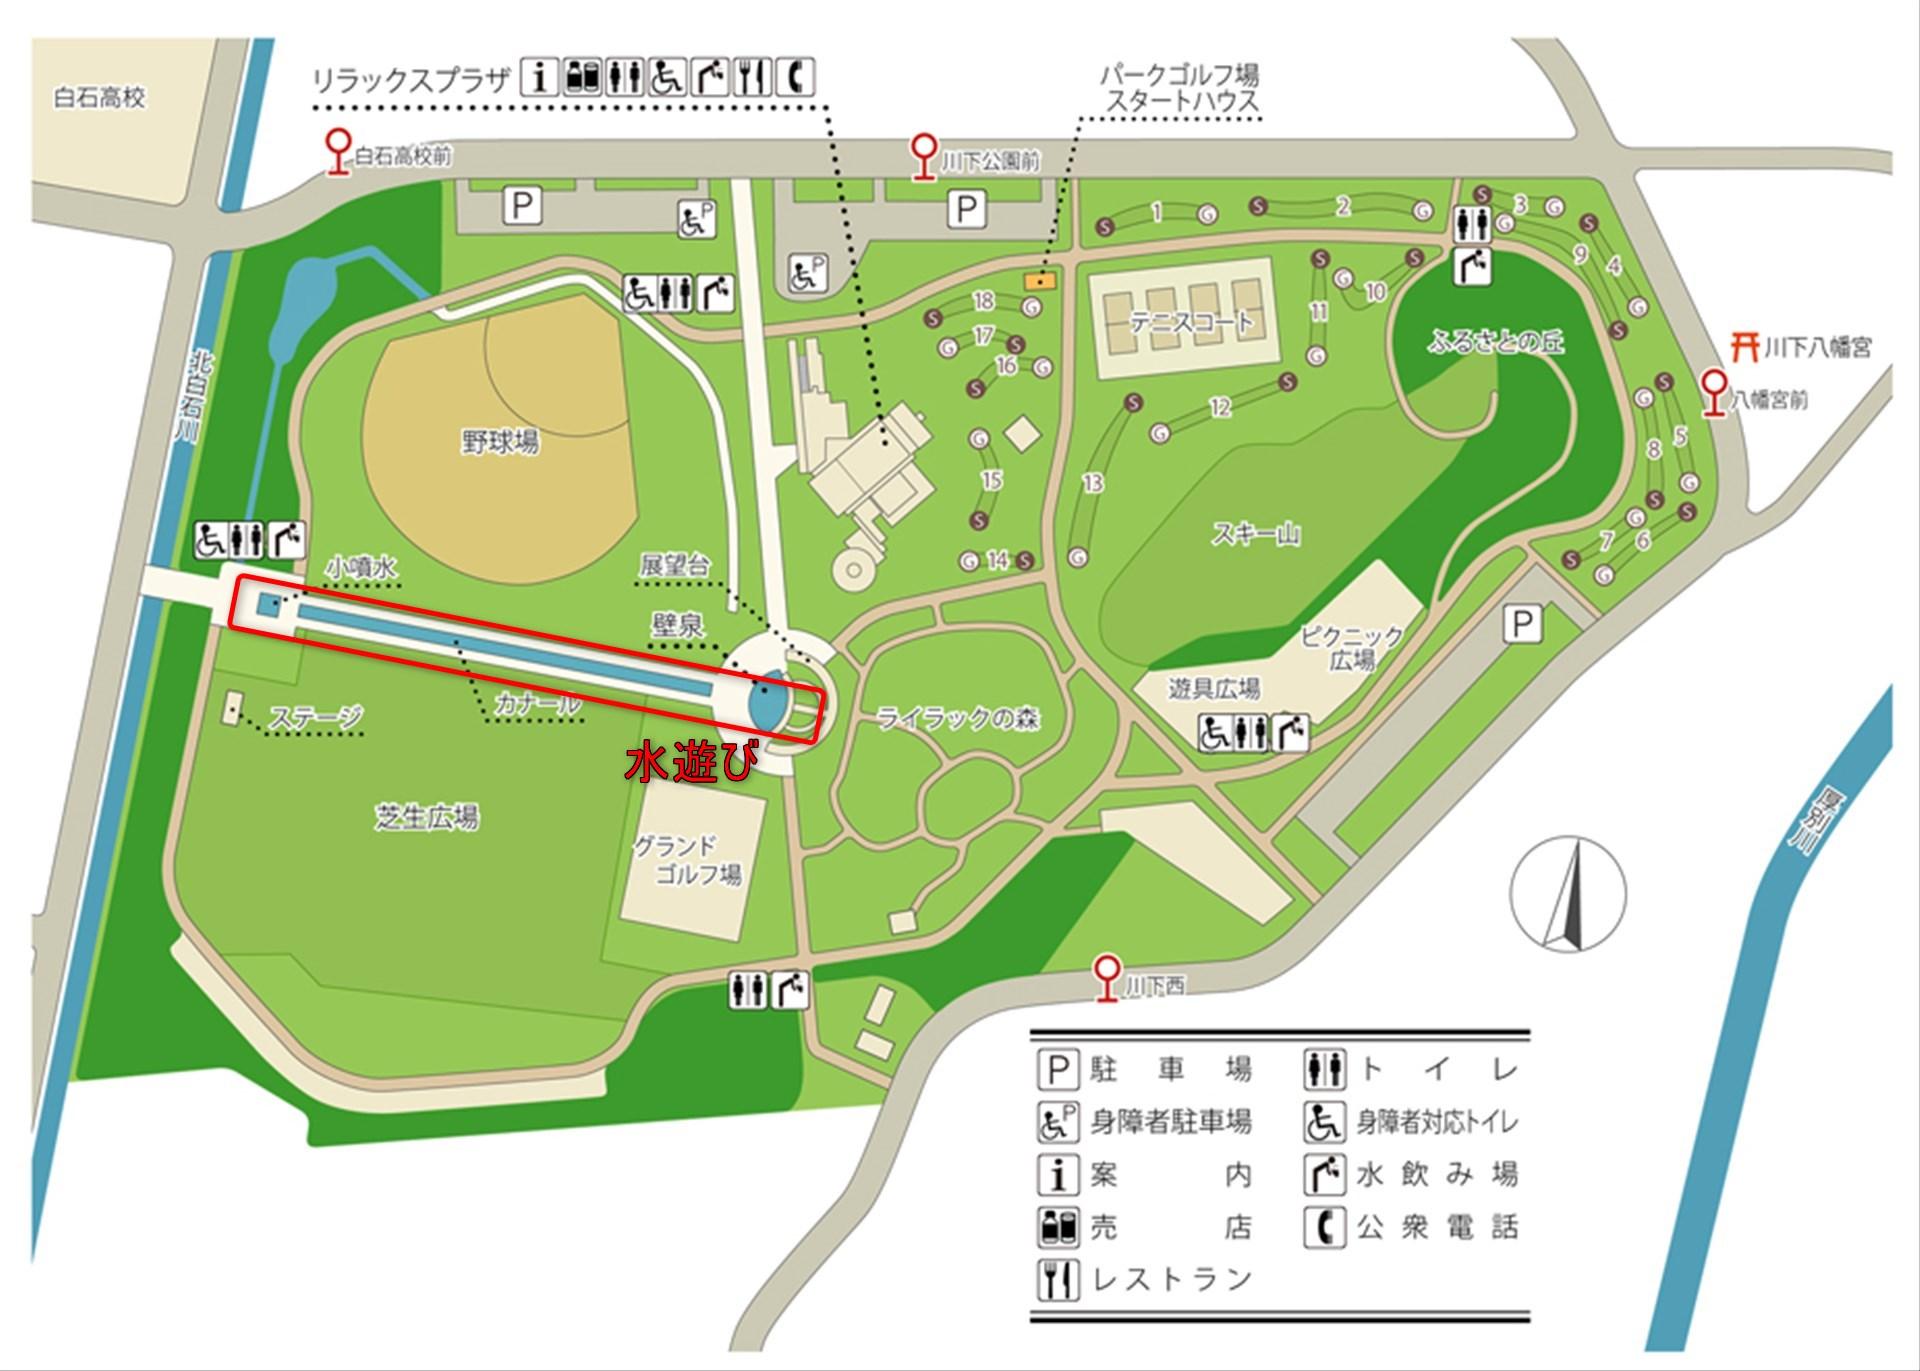 川下公園の地図。水遊びの場所